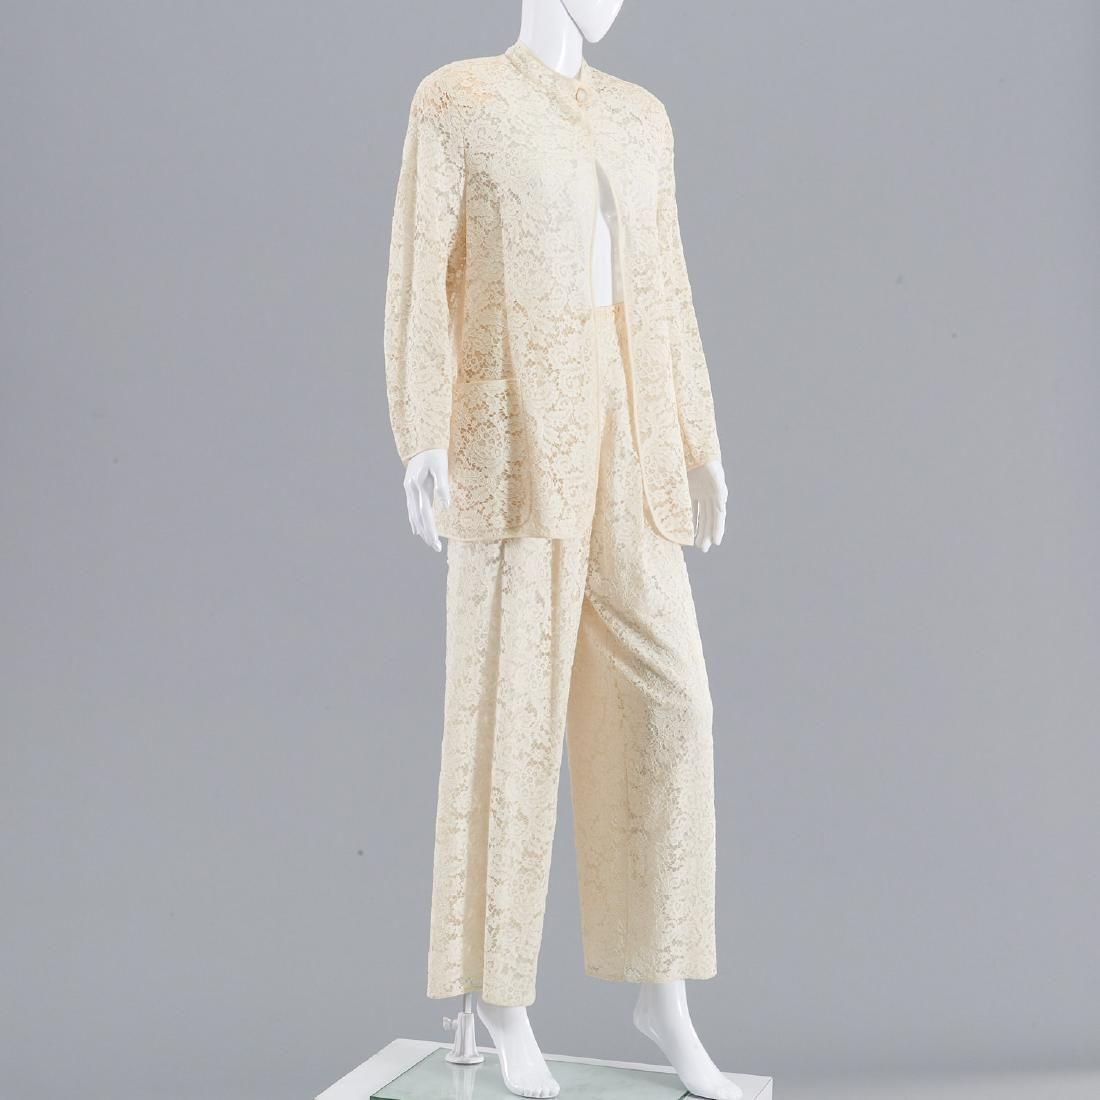 Giorgio Armani lace pants suit